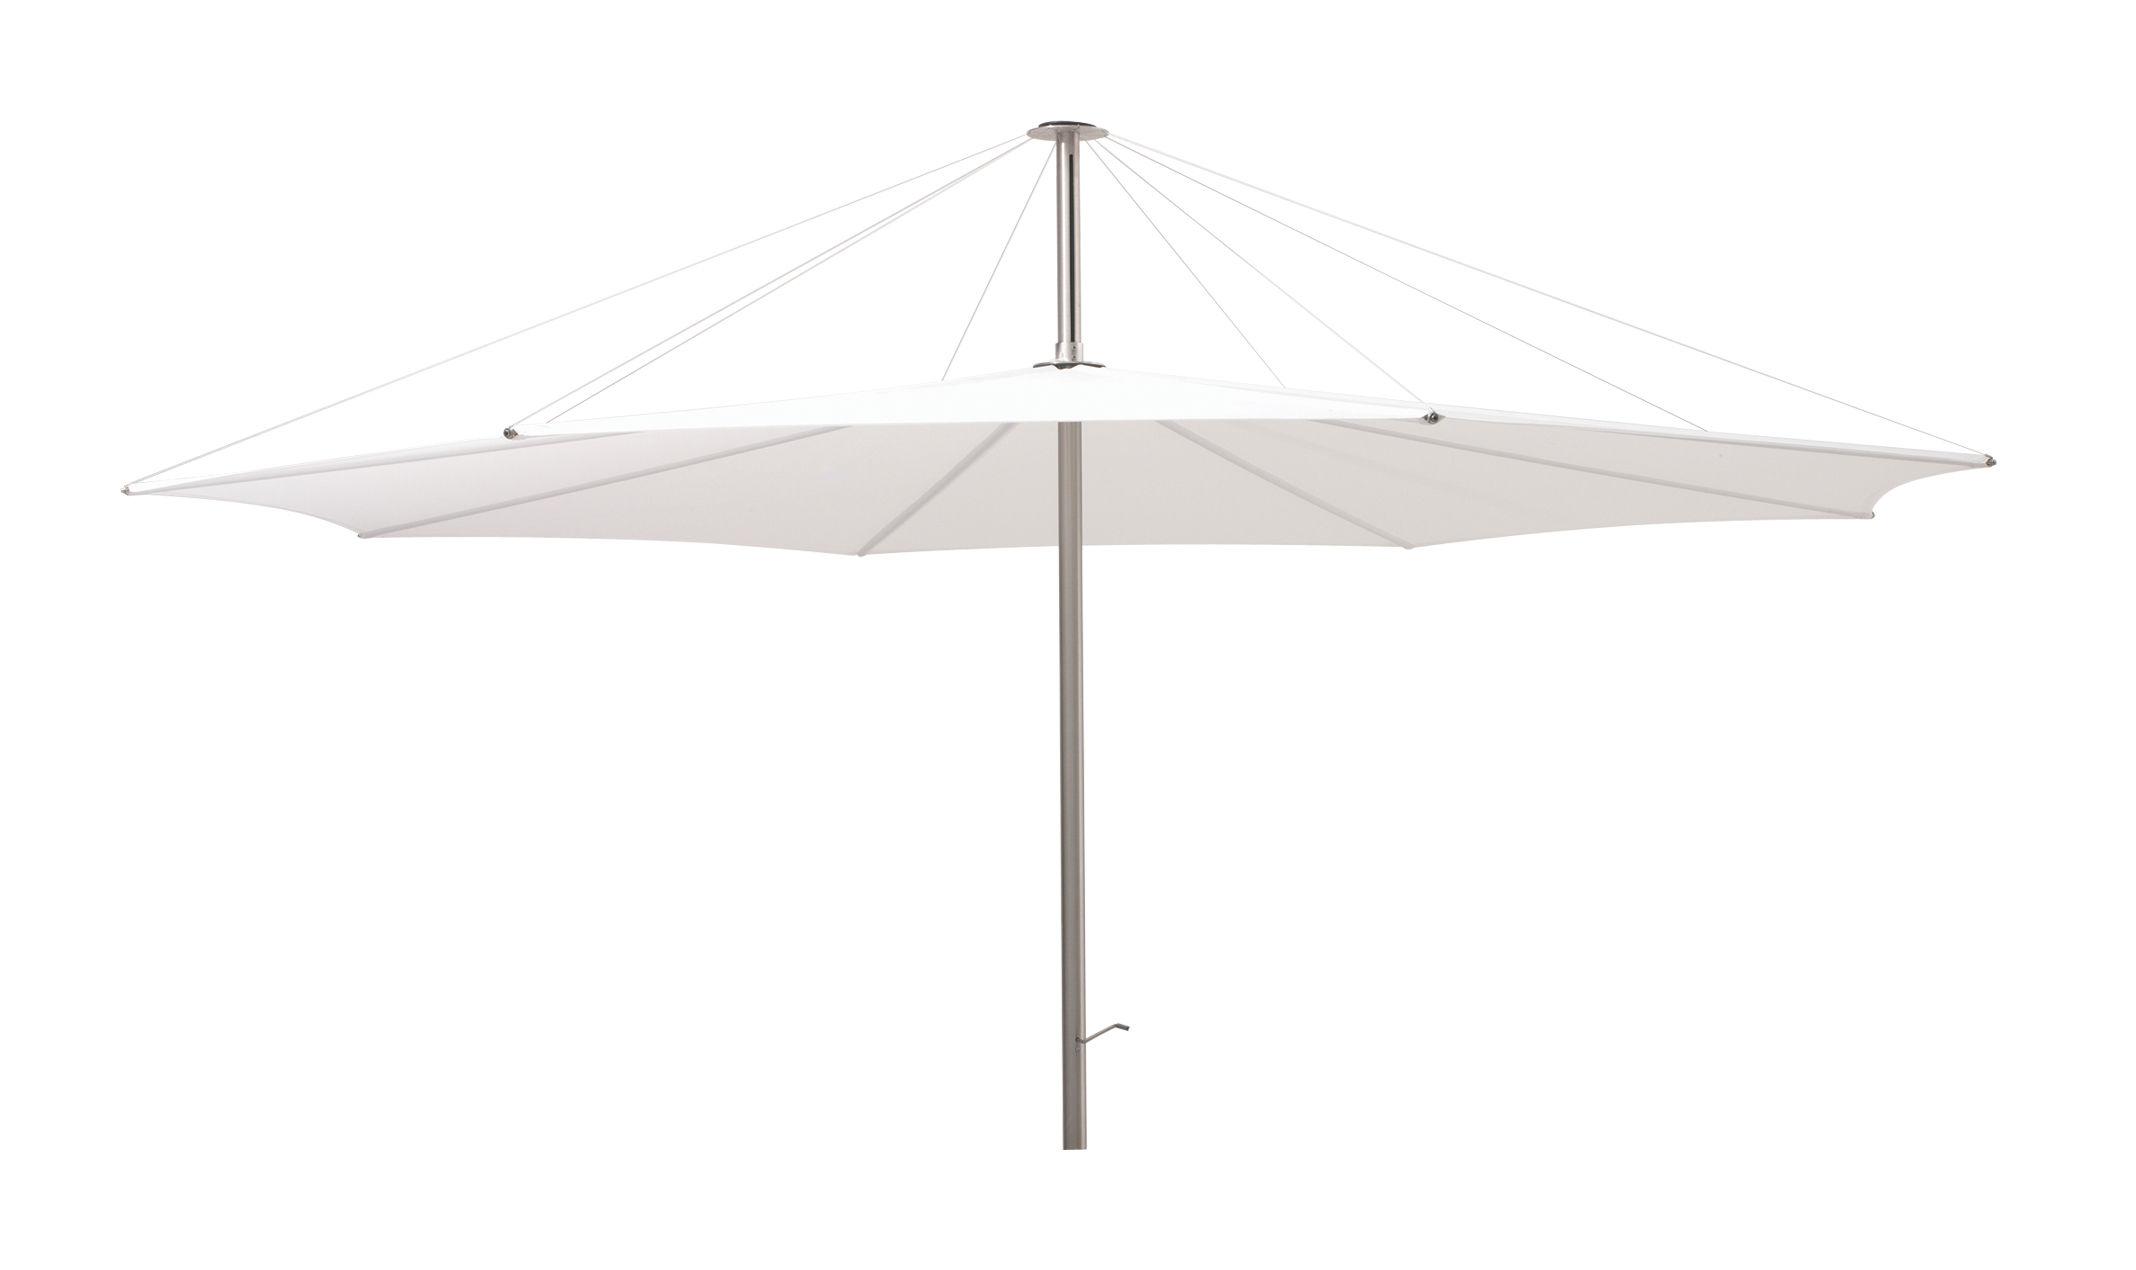 Outdoor - Sonnenschirme - Inumbra Sonnenschirm Ø 350 cm - Extremis - Sonnenschirm weiß - rostfreier Stahl, Toile de polyester